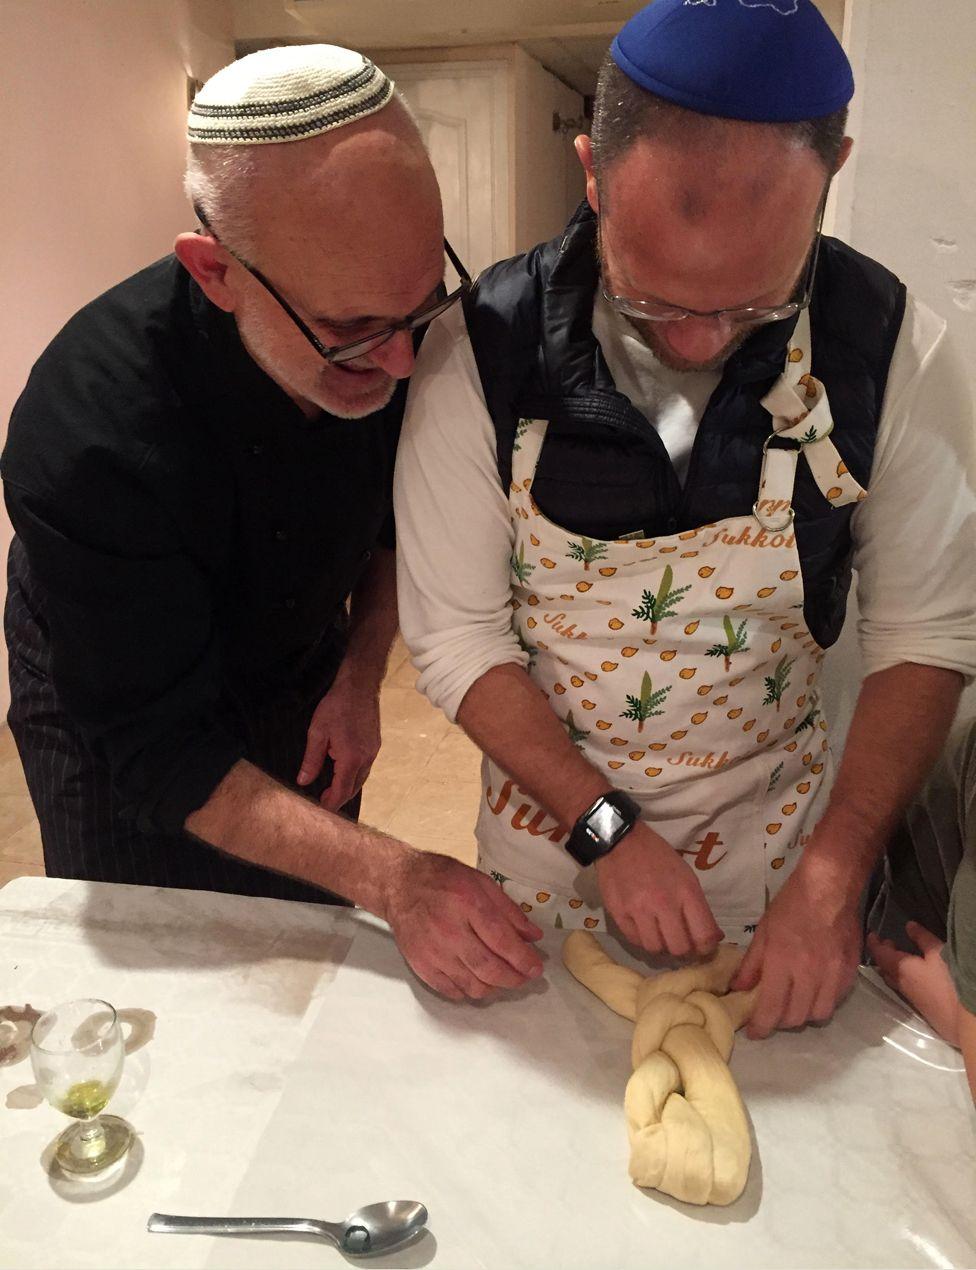 Toni, left, and Dani, making challah